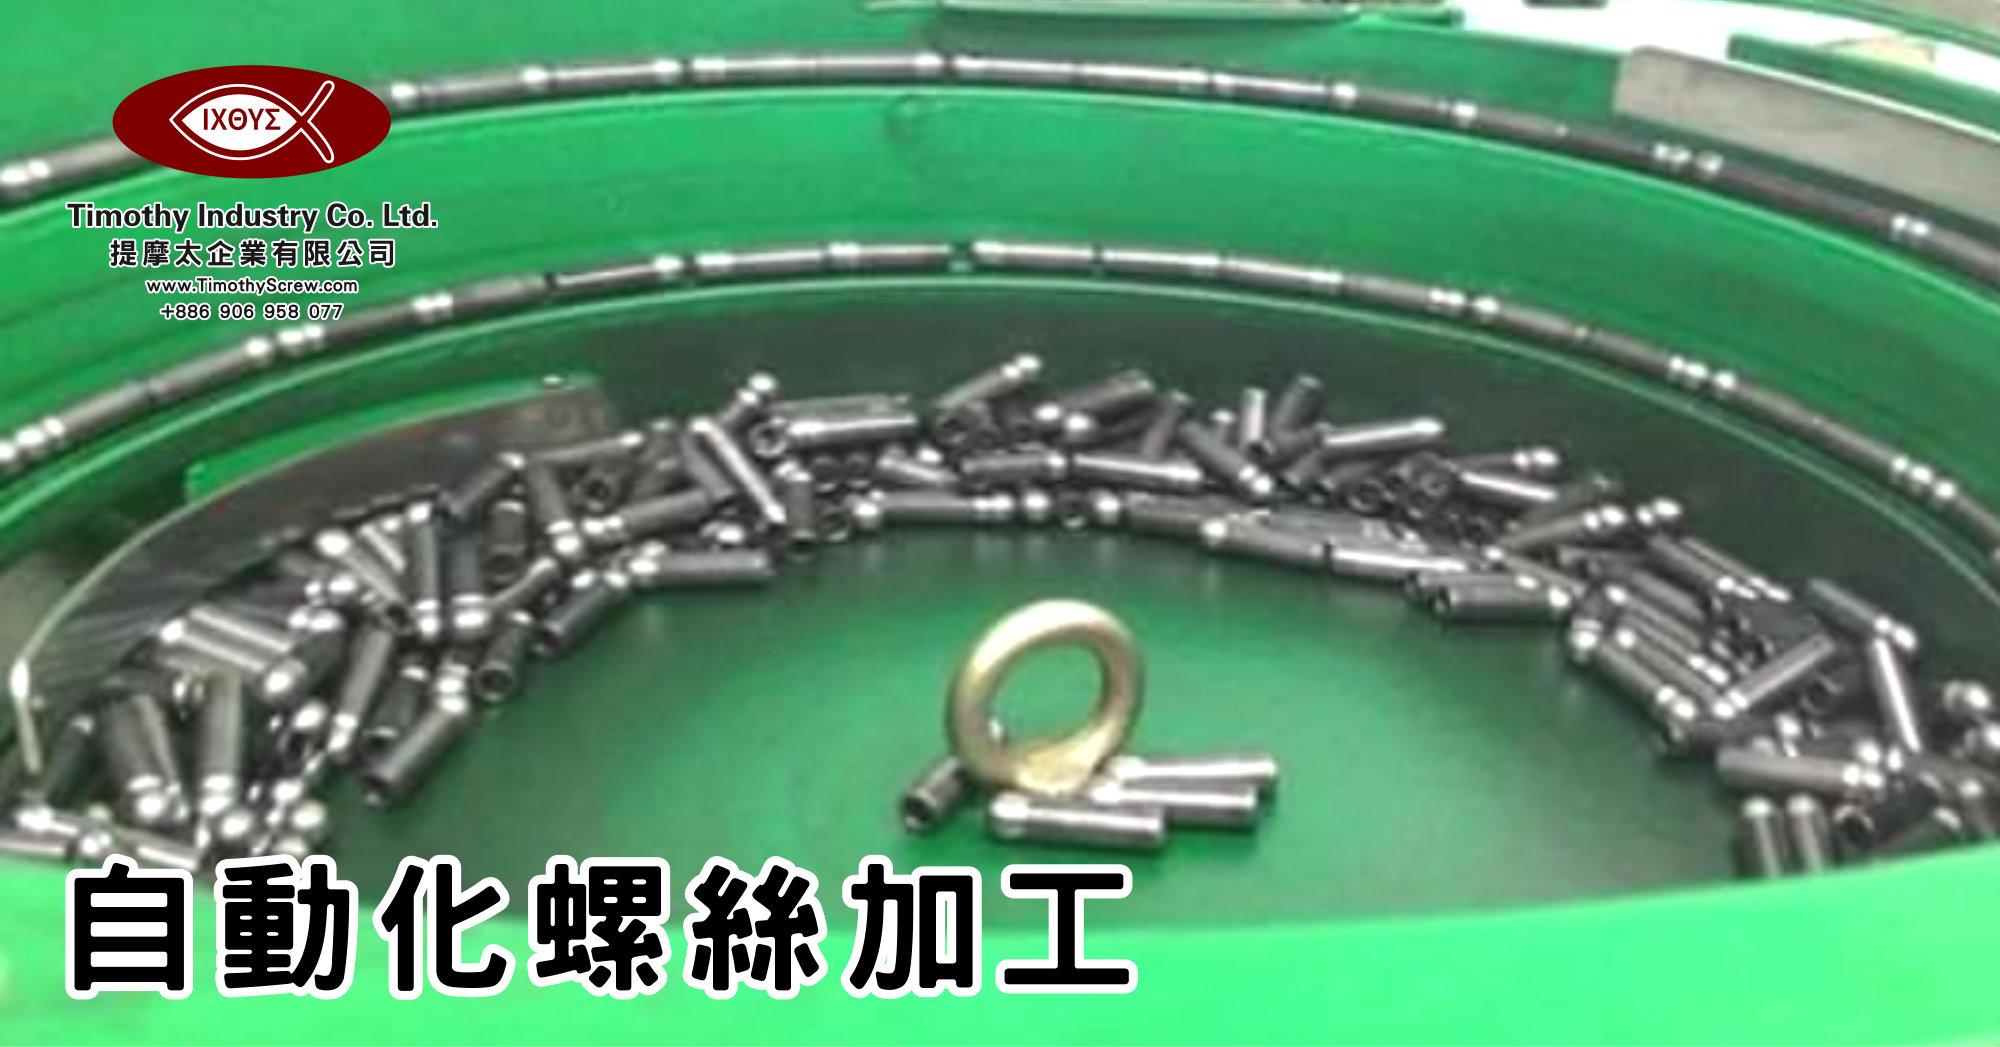 提摩太企業有限公司 Timothy Industry Co Ltd 自動化螺絲加工 車床部 銑床部 台灣自動化螺絲加工 螺絲製造 A00